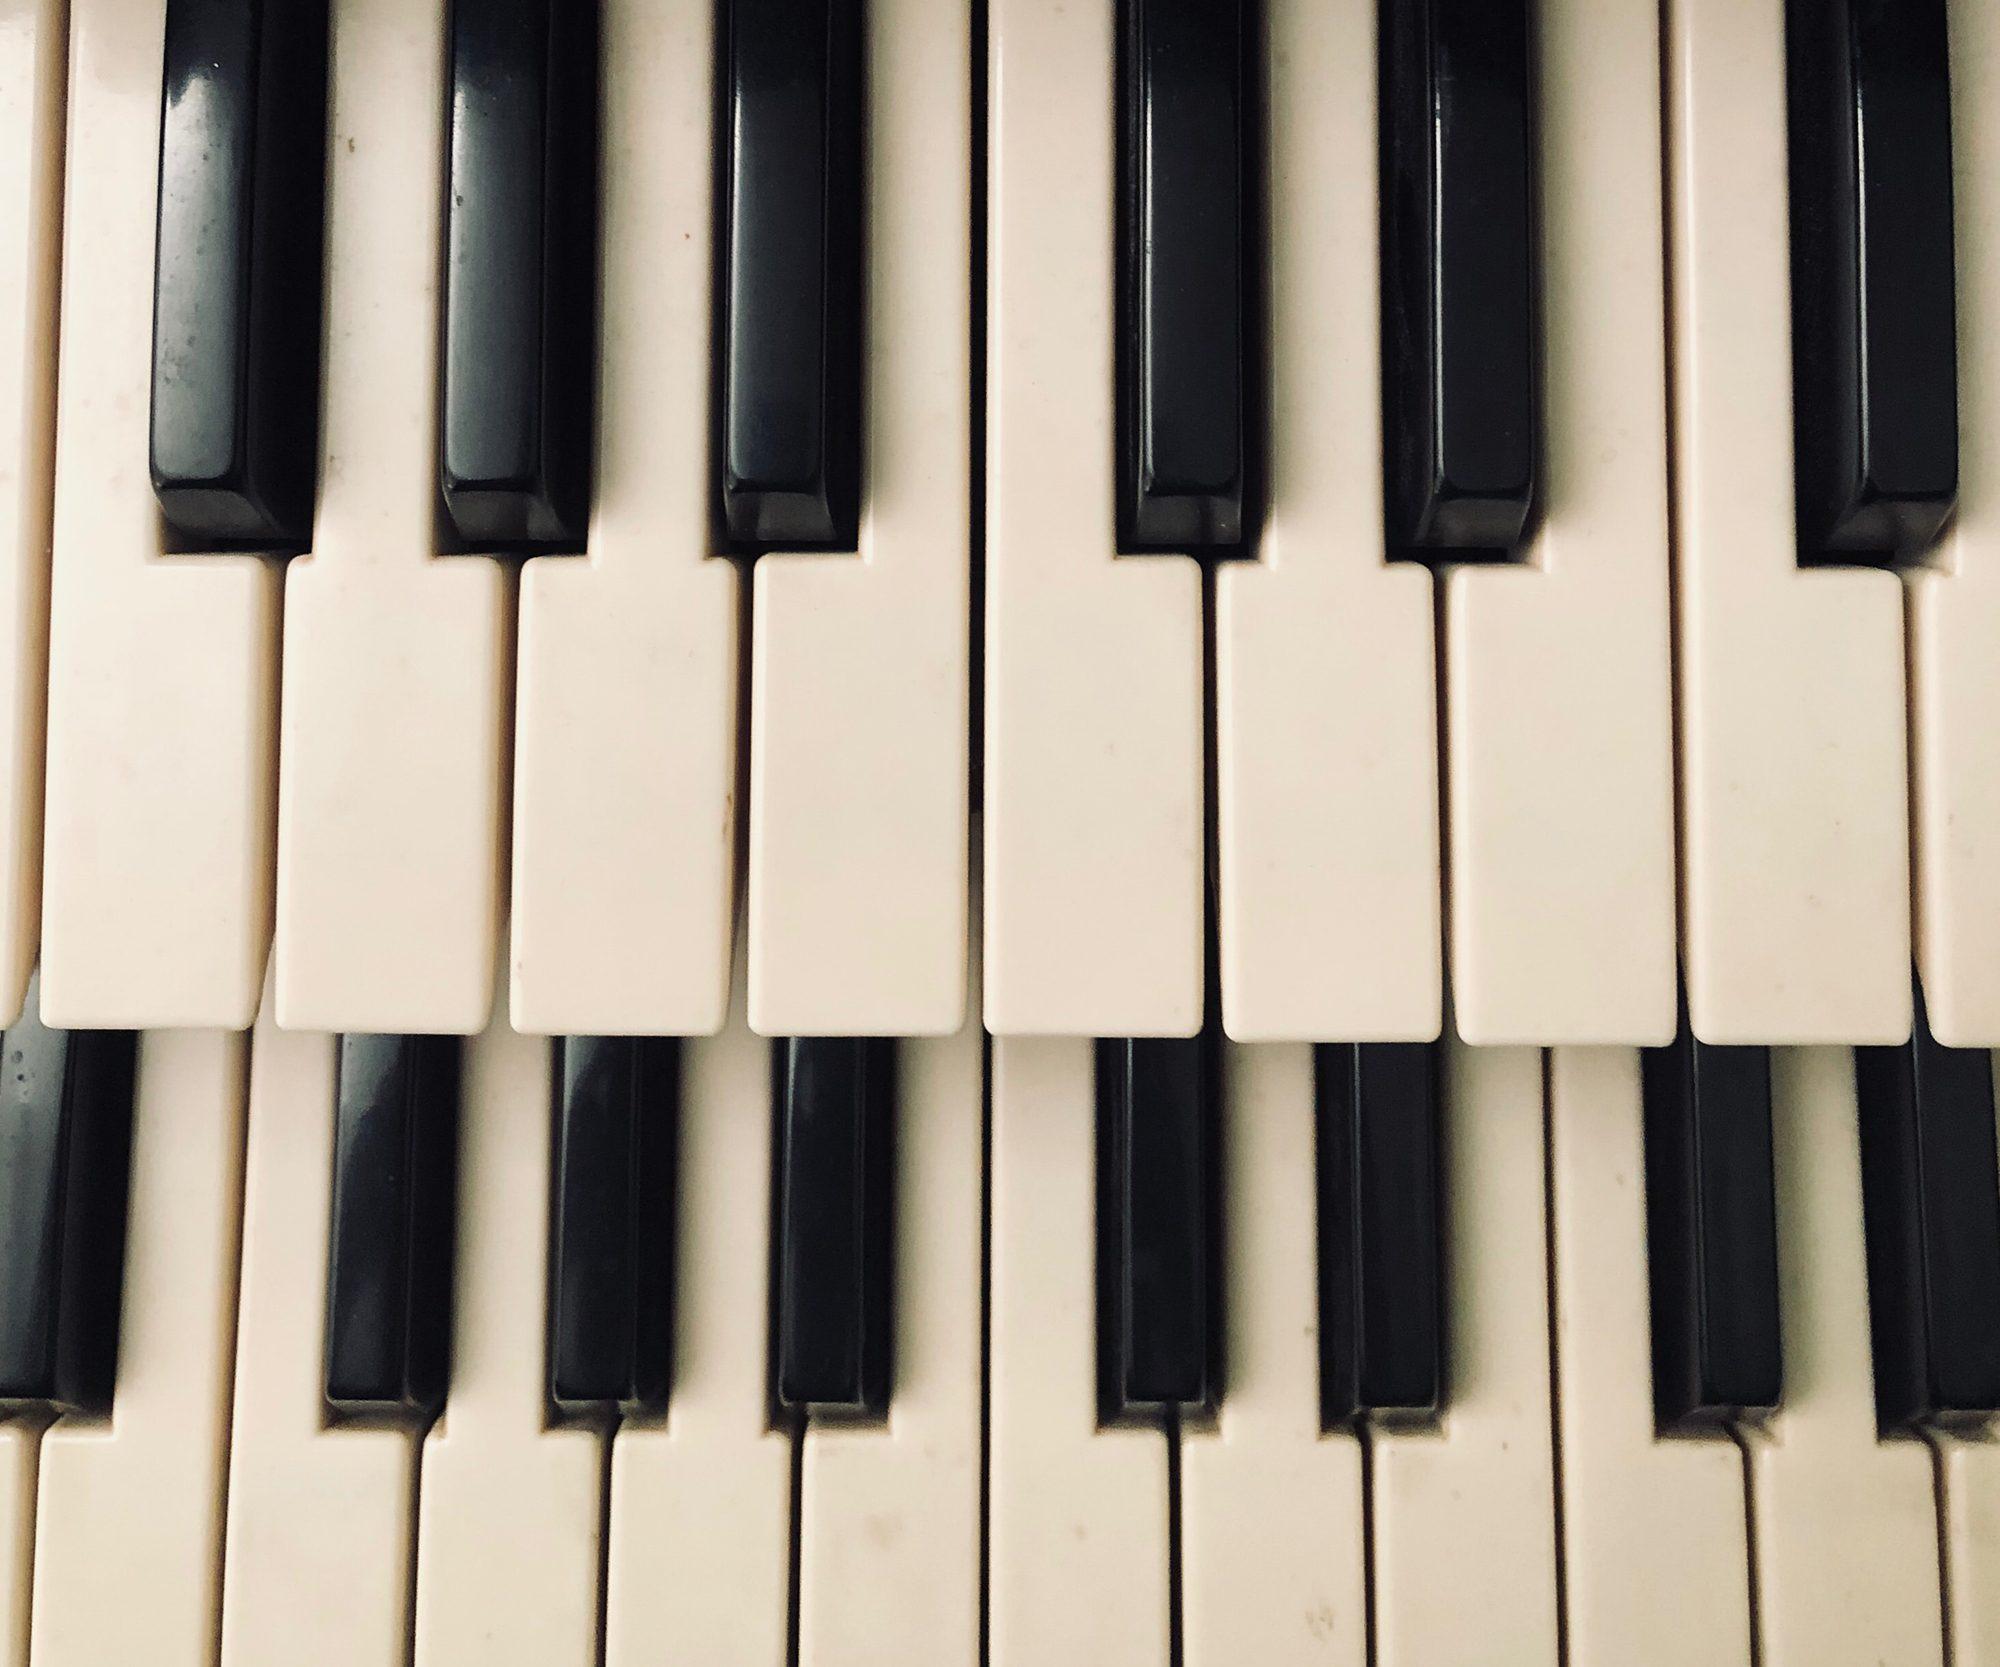 Polityka zagraniczna czyli wiele fortepianów